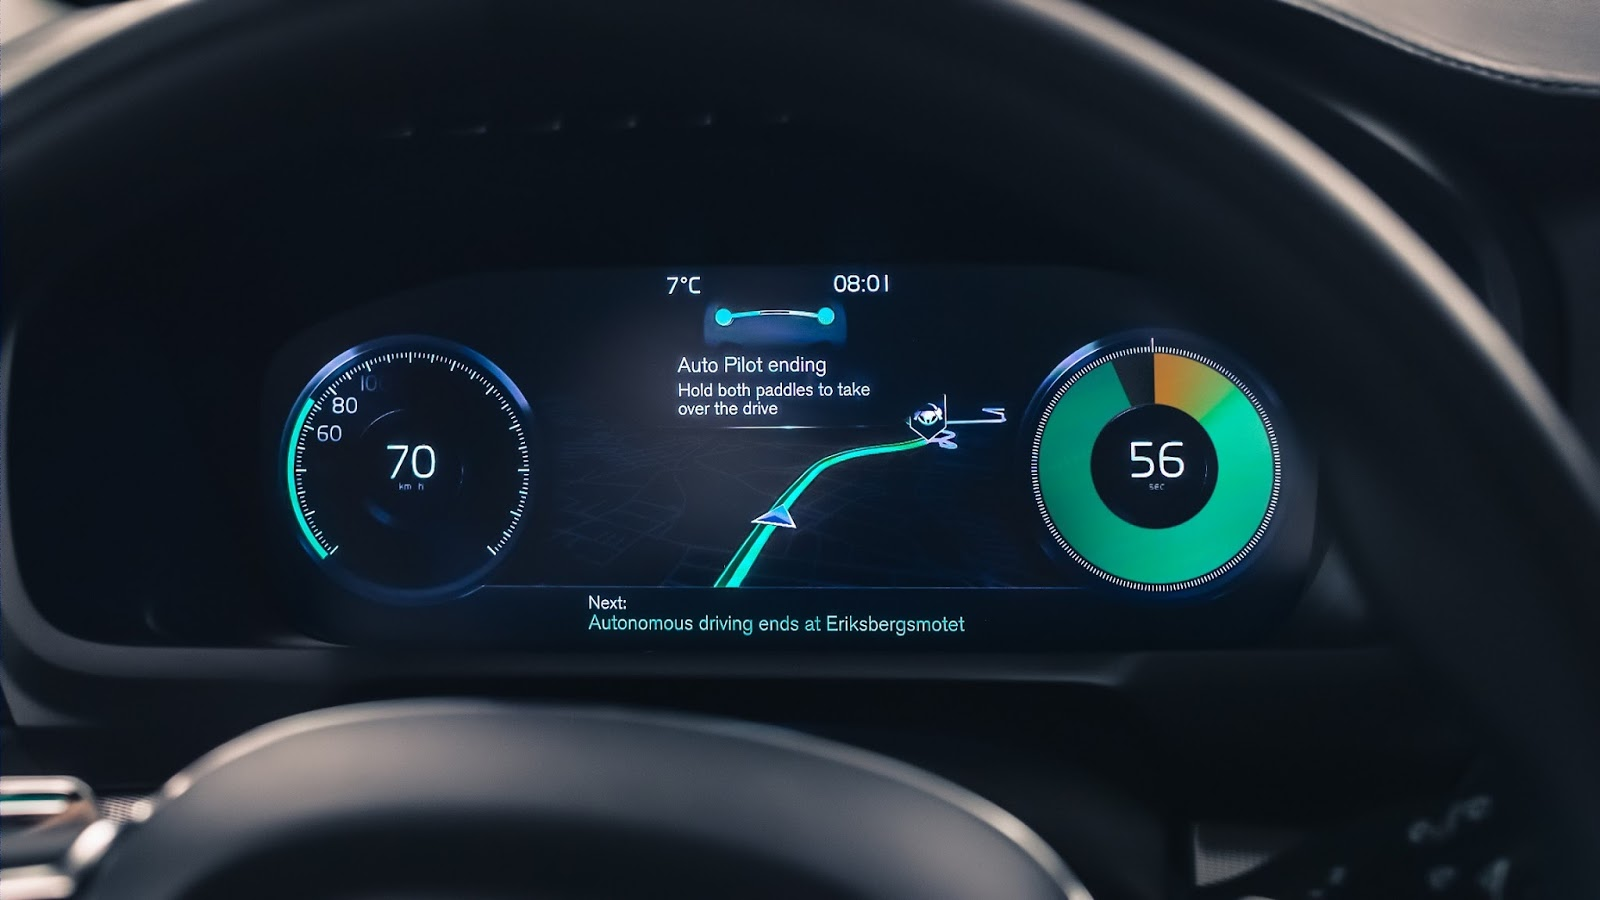 VOLVO AUTO%2BPILOT%2BINTELLISAFE 5 Το 2017 η Volvo θα βγάλει στο δρόμο 100 αυτόνομα αυτοκίνητα